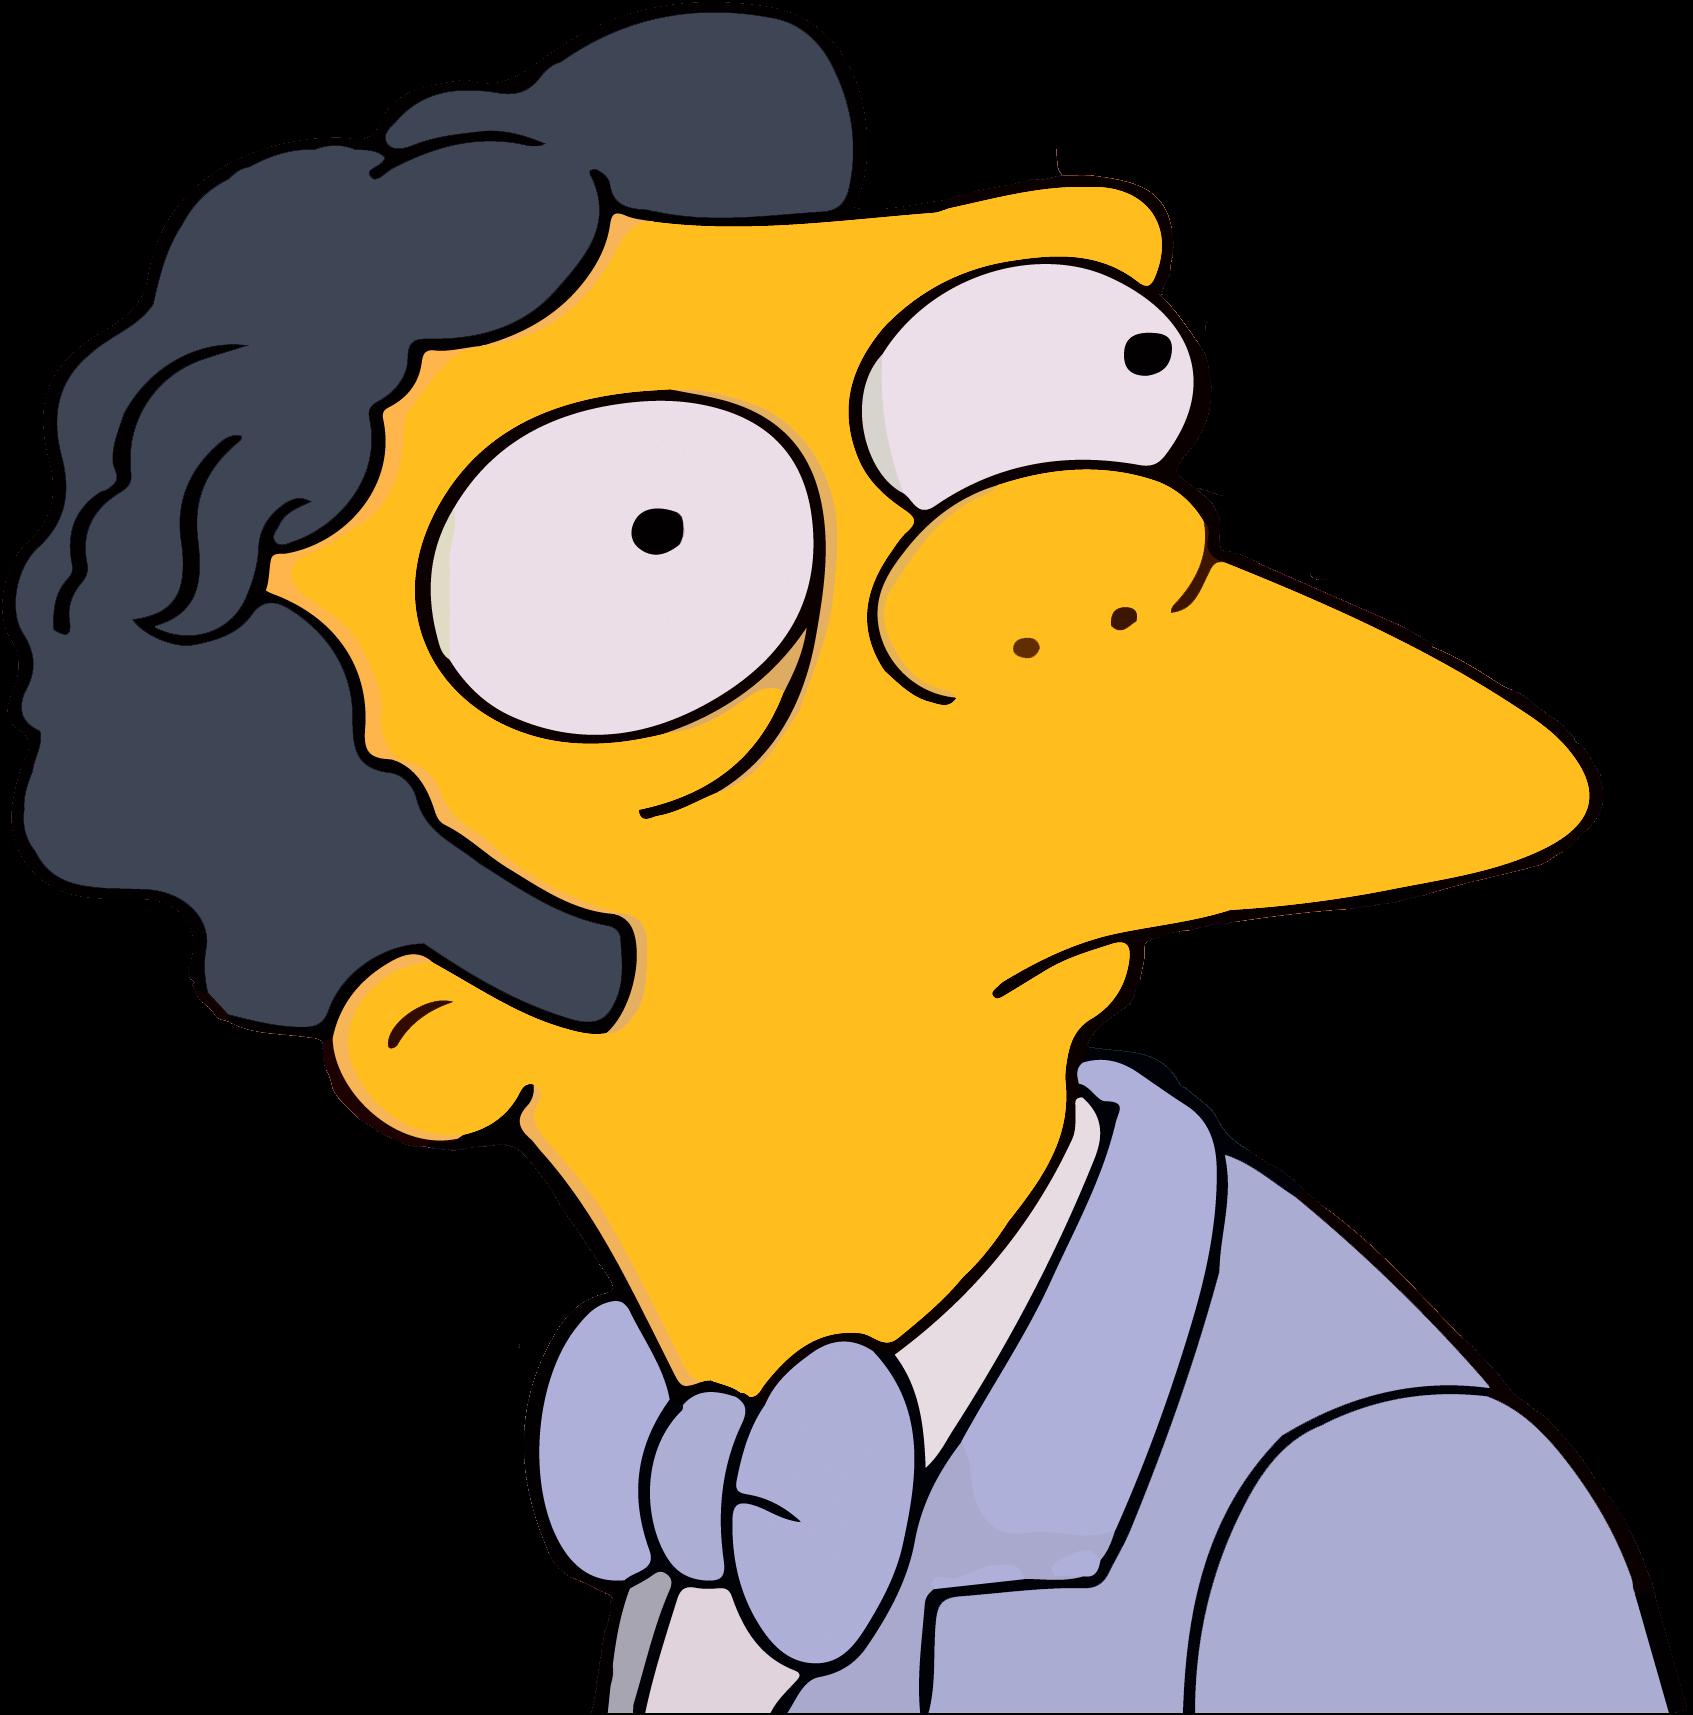 Plantilla de Moe y Homero mirándose | Que haces aquí